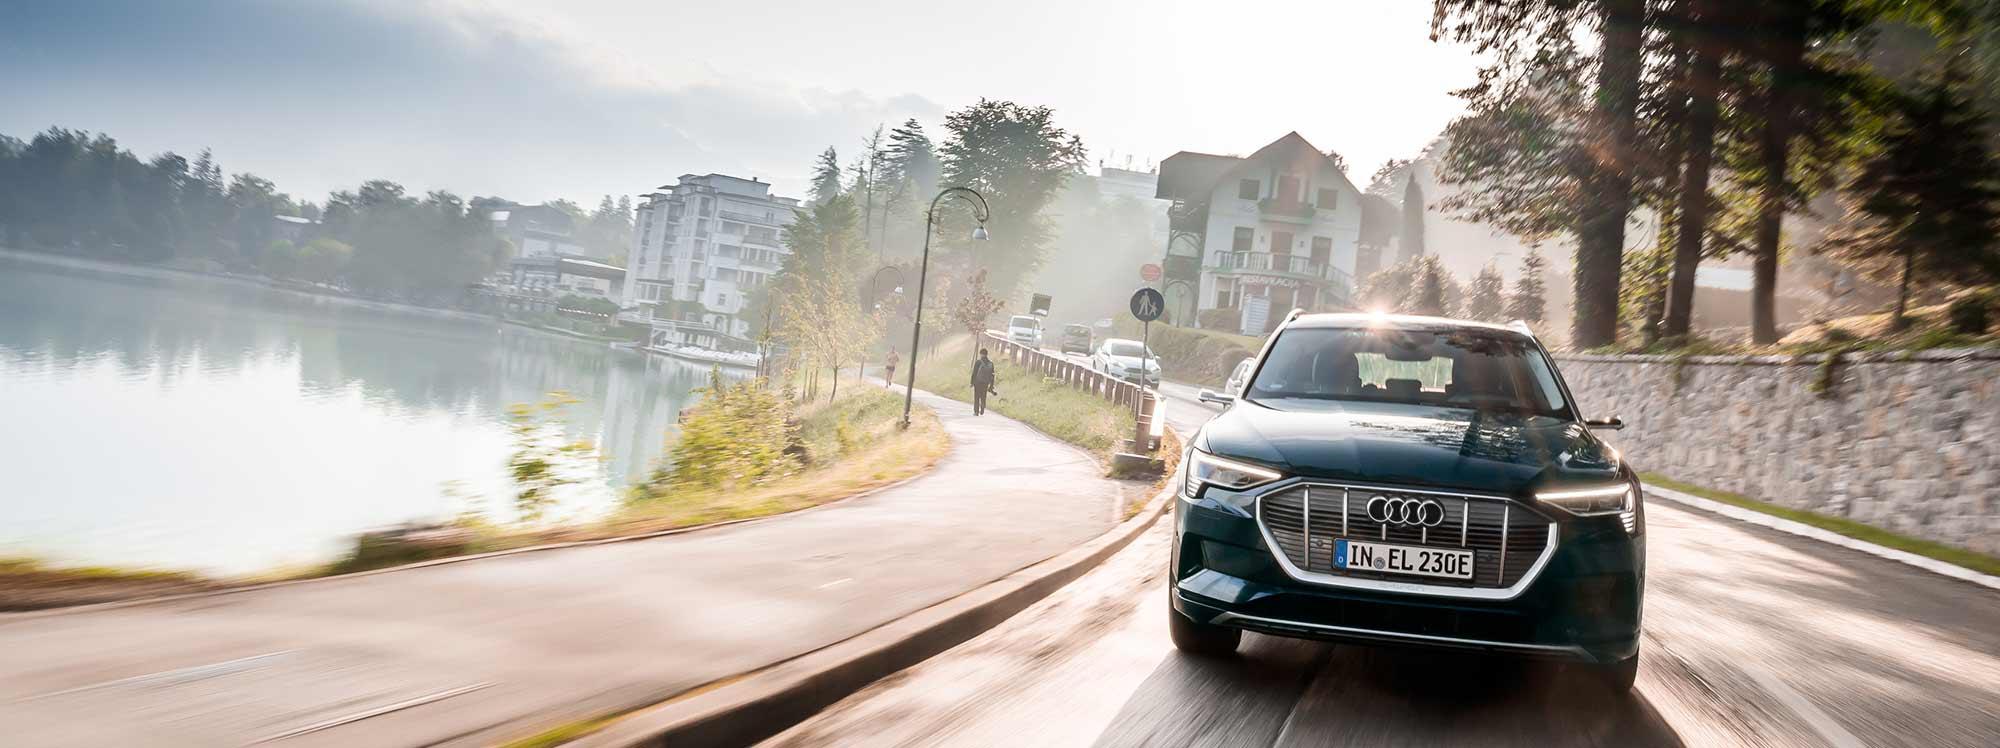 Audi E Tron, un ícono de la movilidad eléctrica ya está en Ecuador